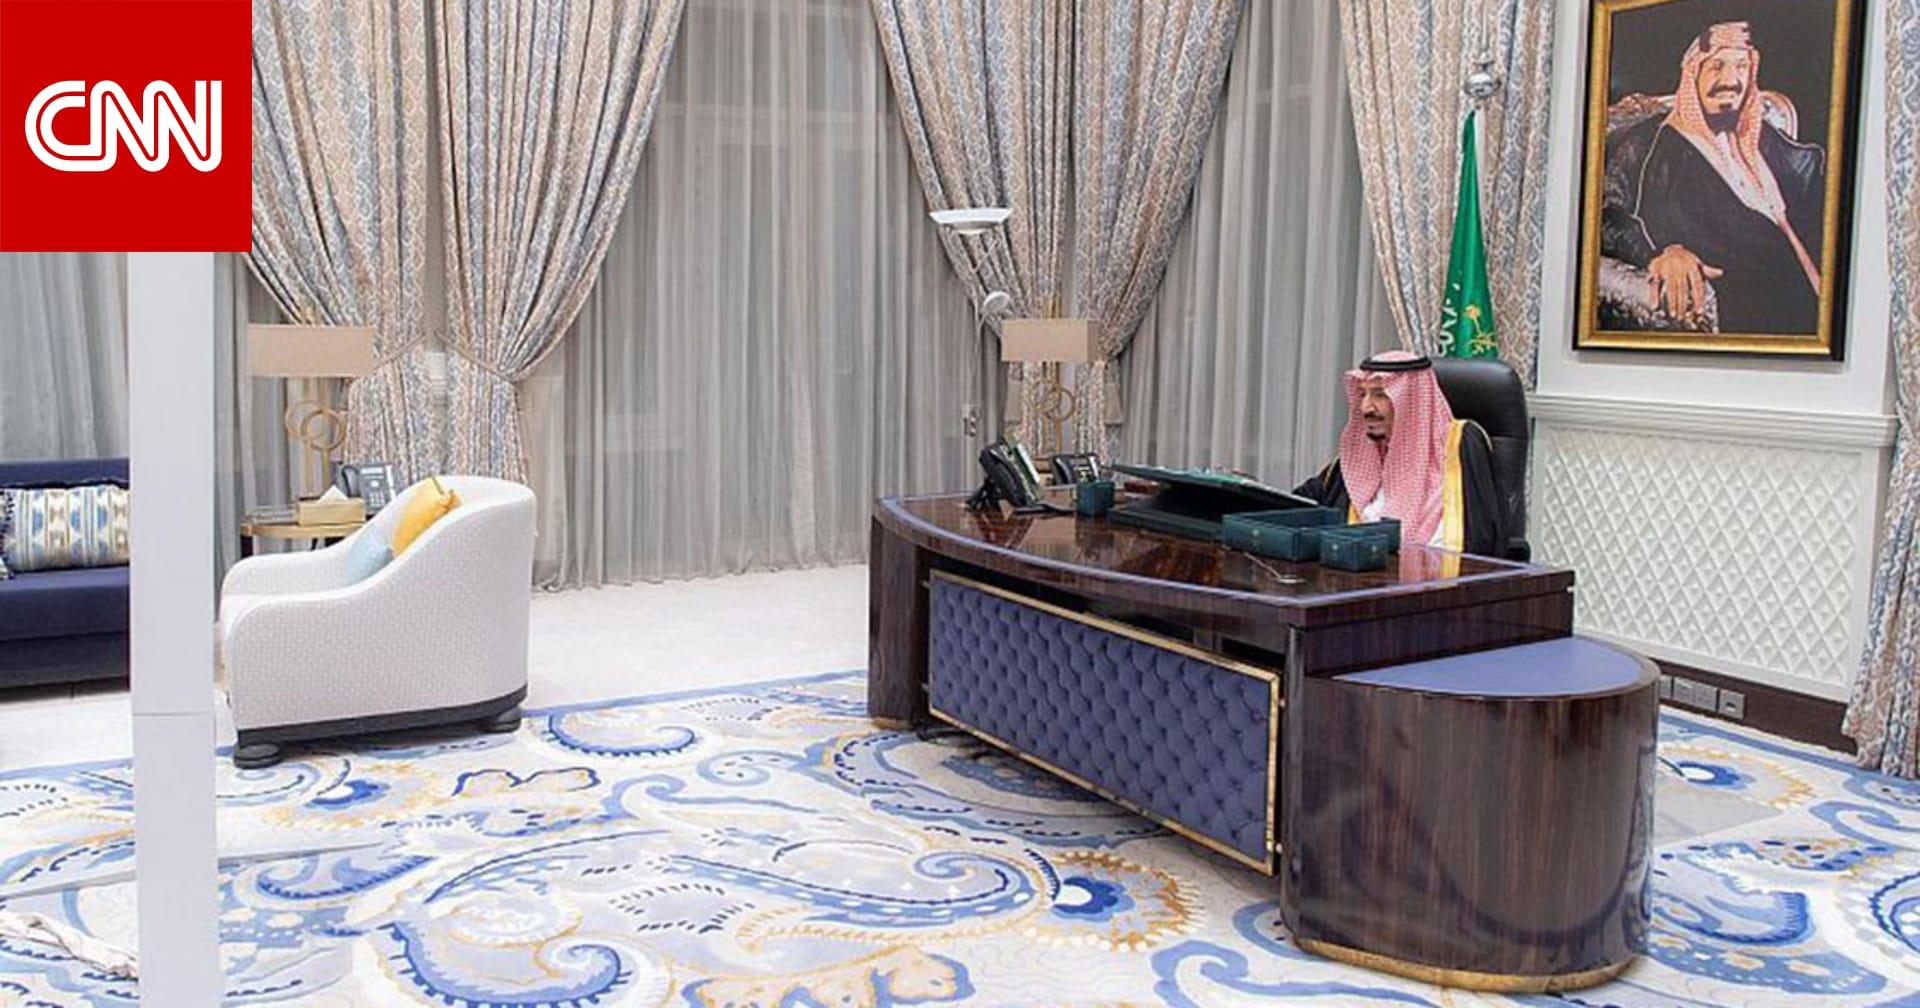 السعودية: السماح بإصدار إقامات العمل وتجديدها كل 3 أشهر مع استثناءات